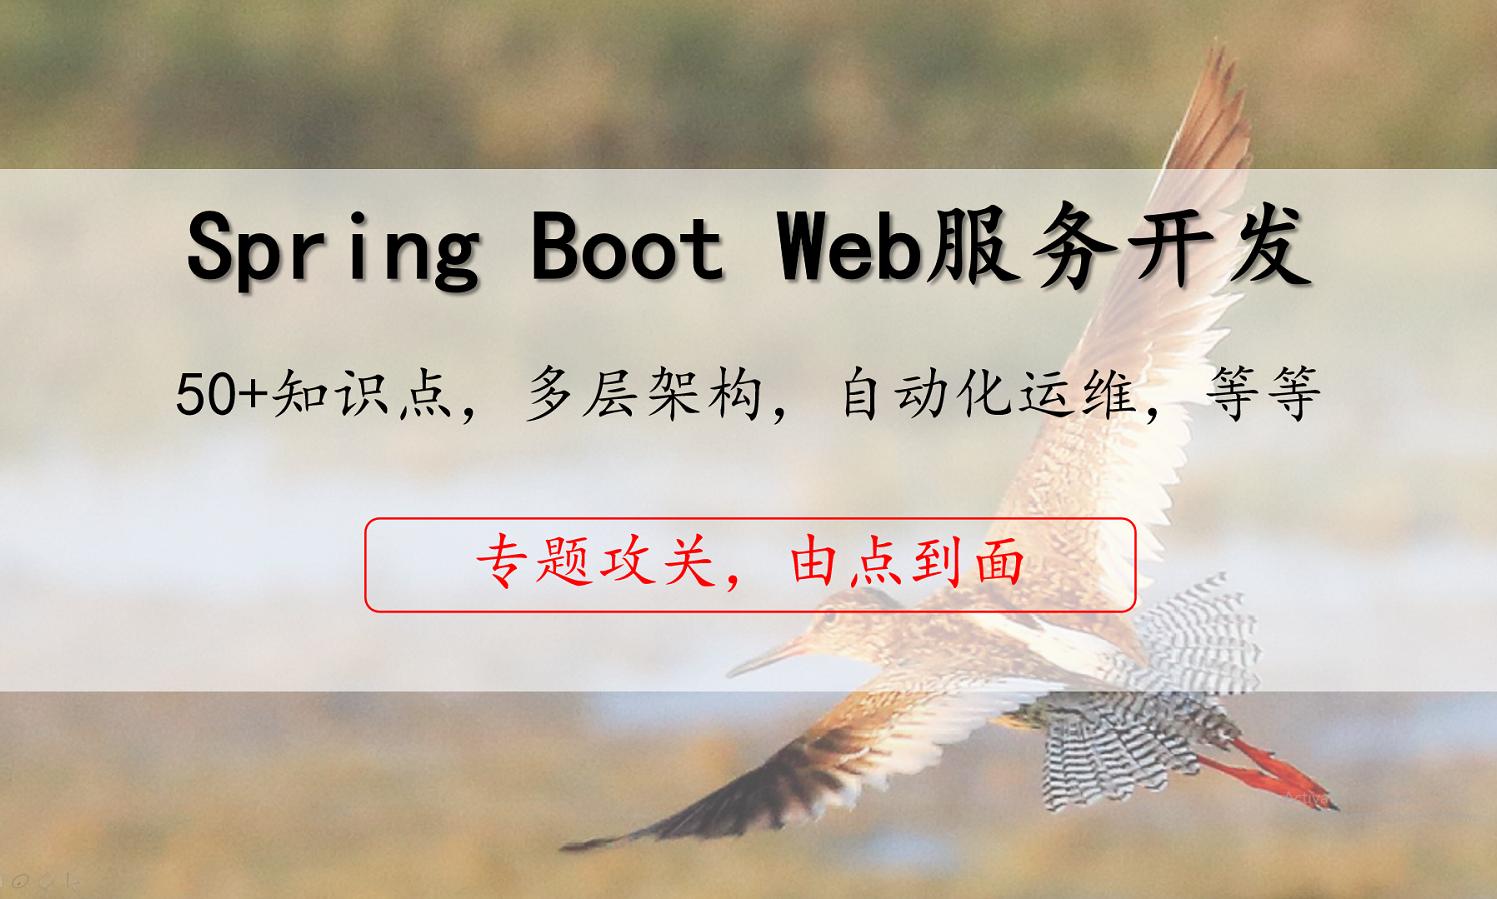 Spring Boot开发Web服务实战